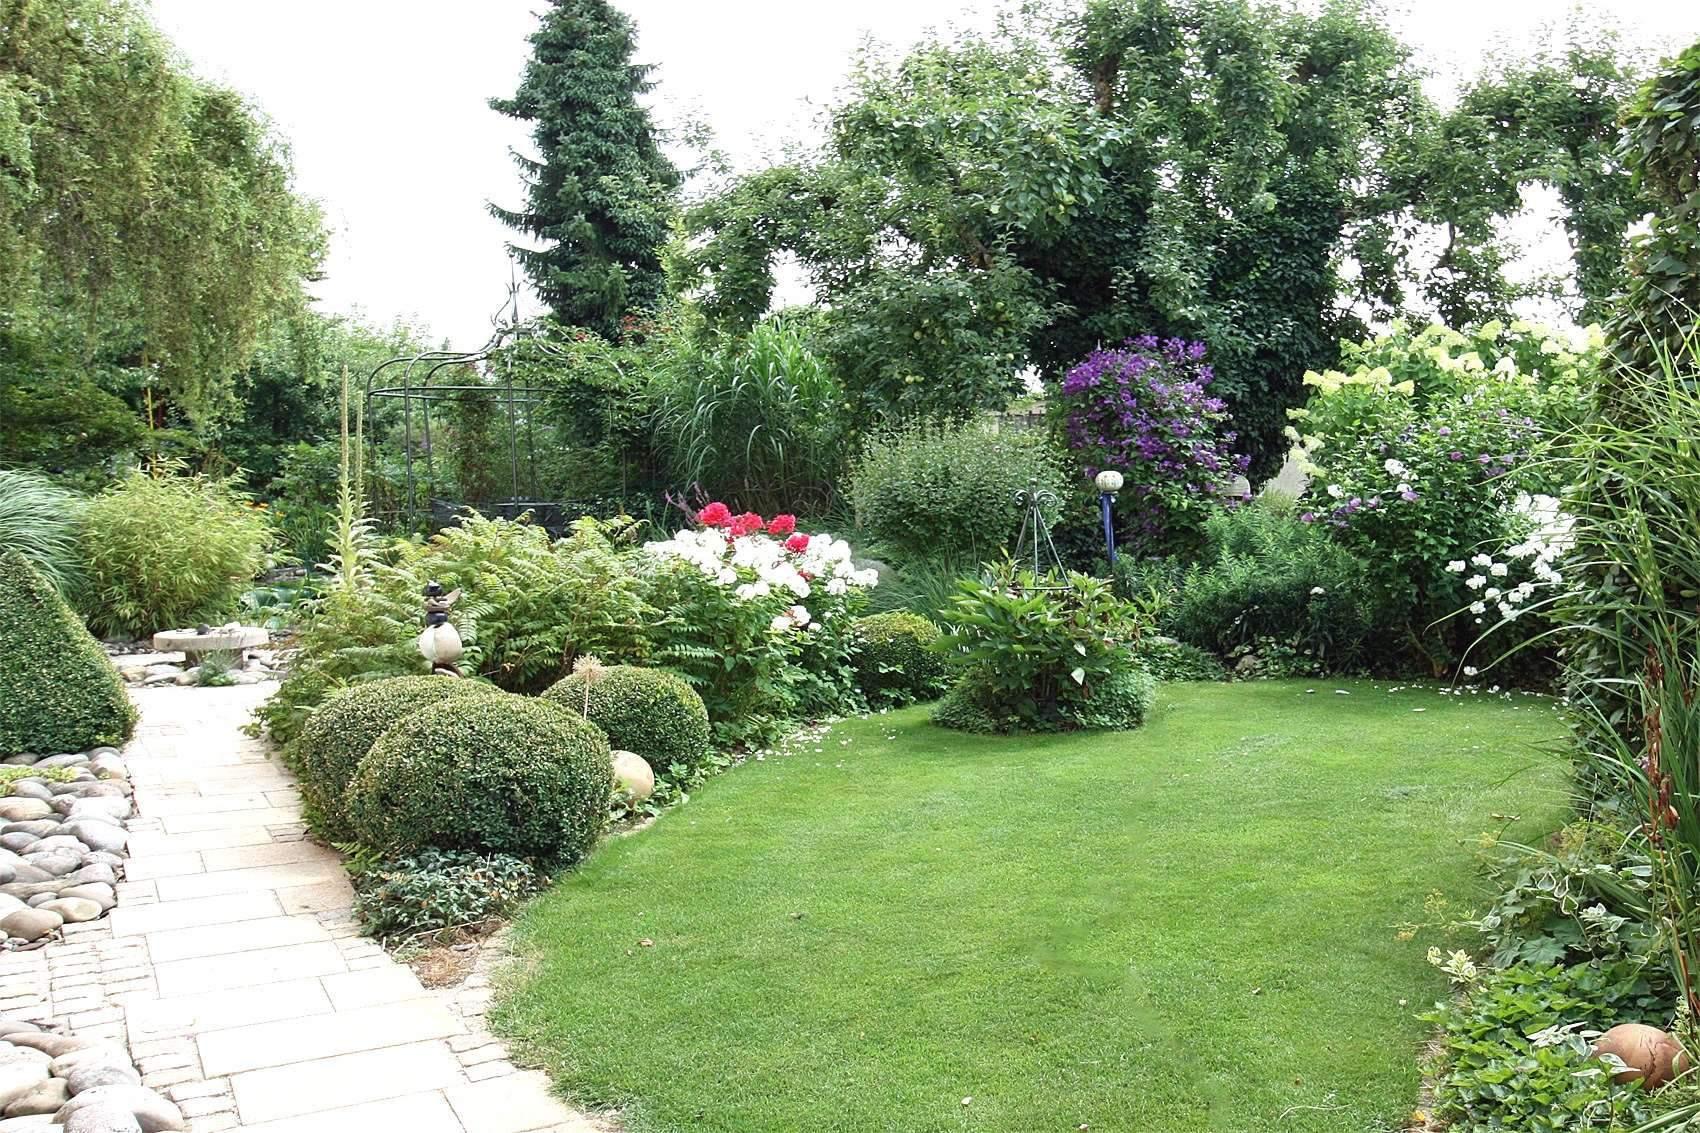 Pflegeleichter Garten Bilder Best Of 37 Frisch Pflegeleichter Garten Bilder Luxus